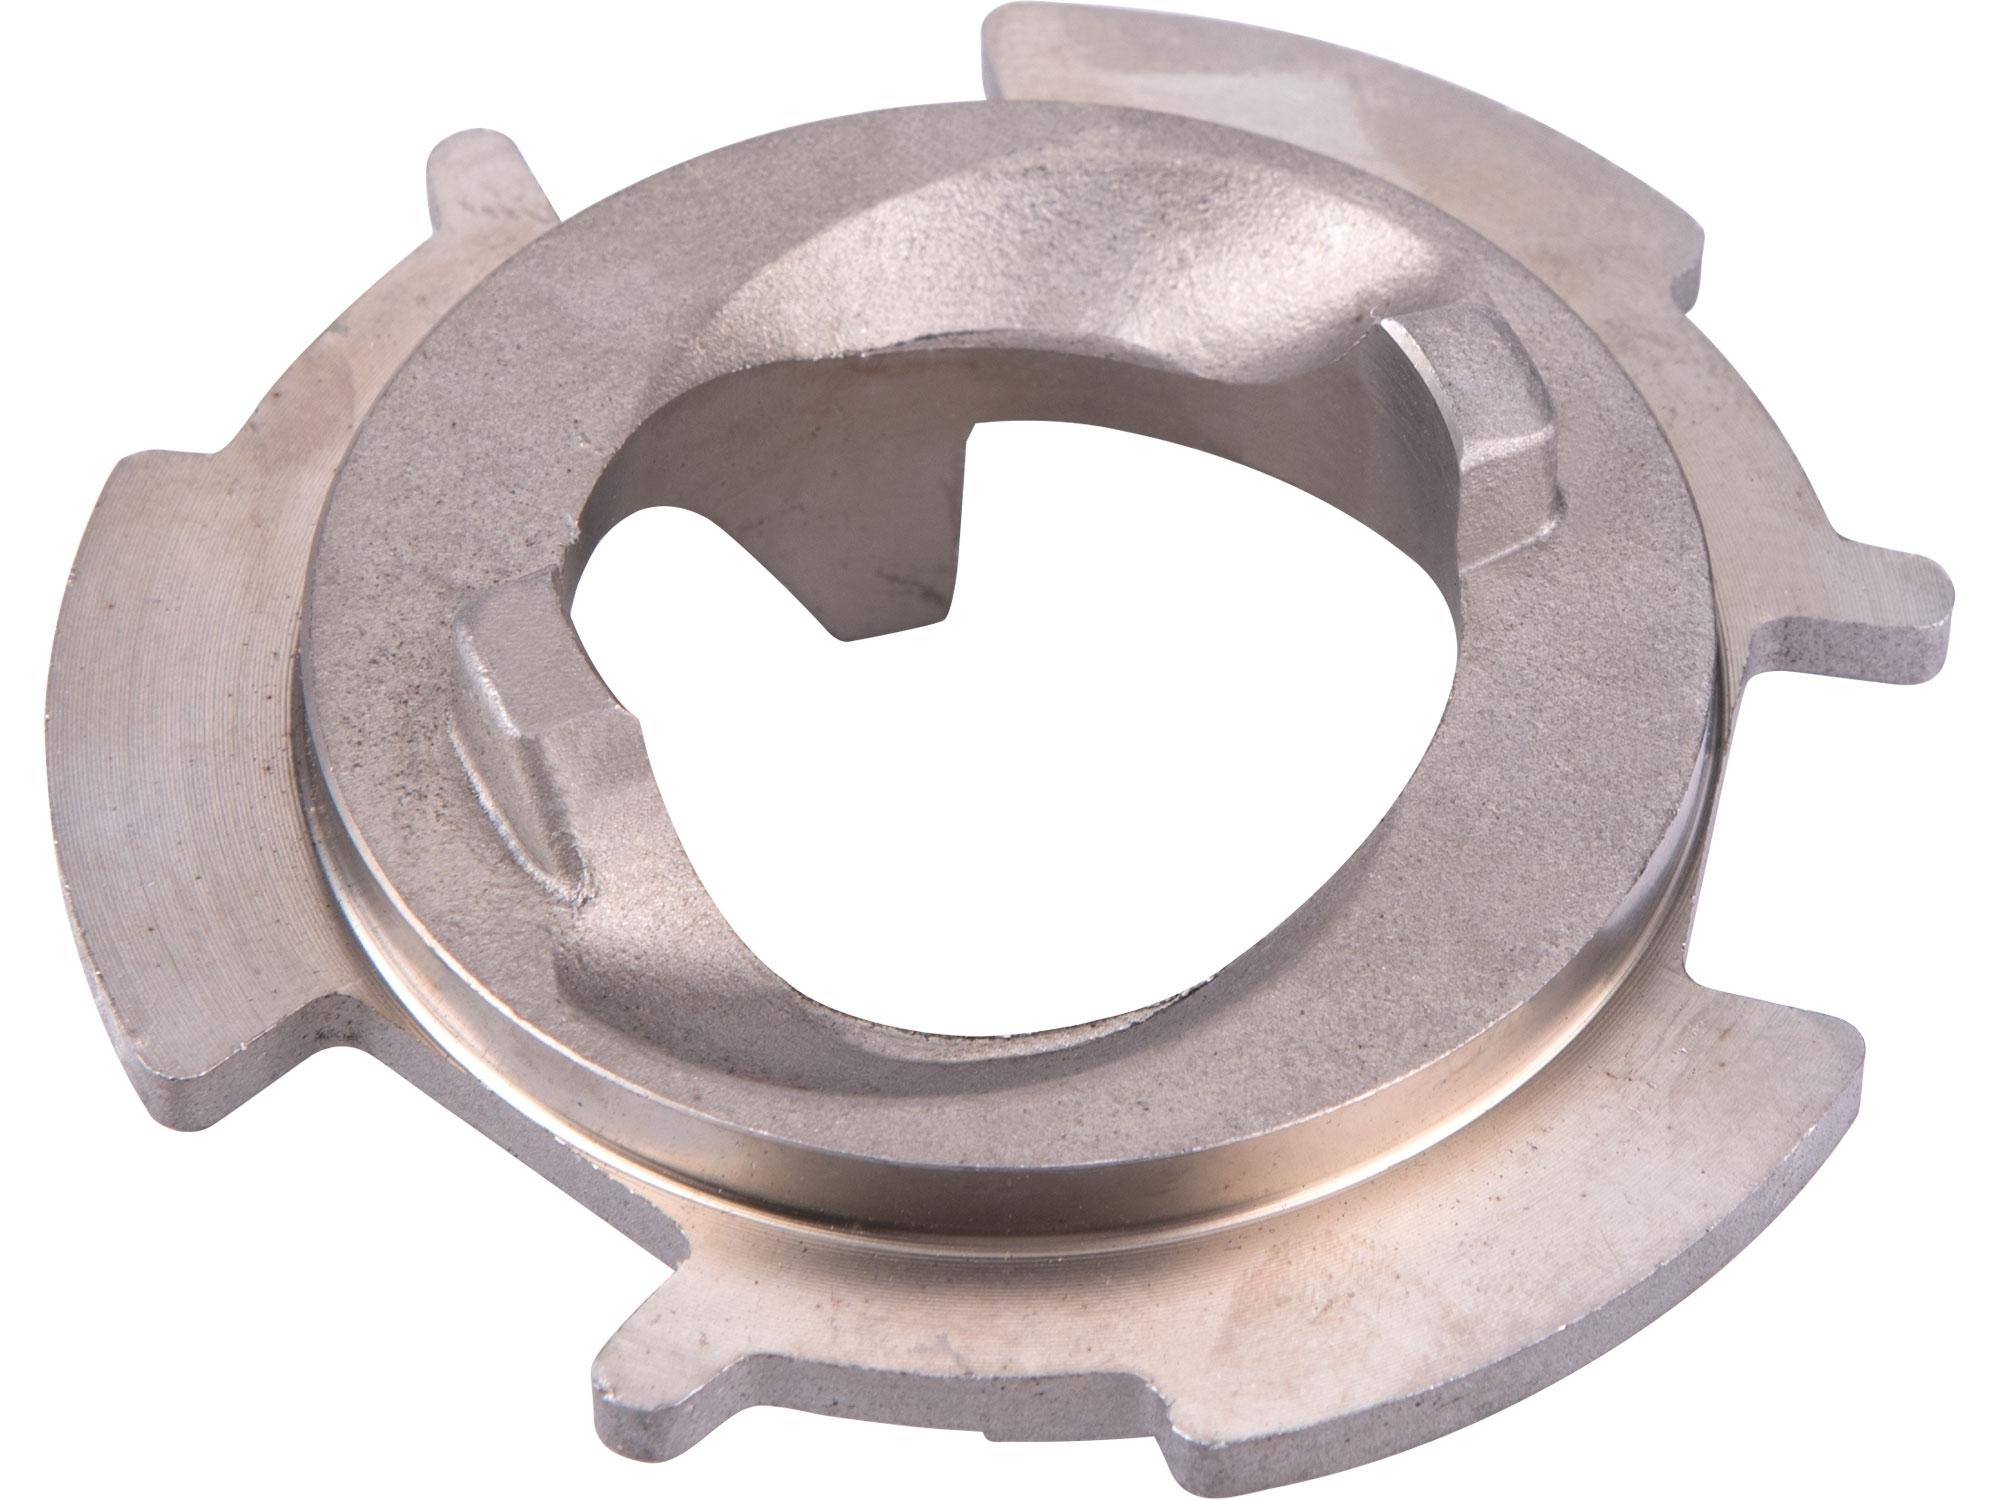 kryt řezací hlavy, INOX 440C, EXTOL PREMIUM 8895041-31